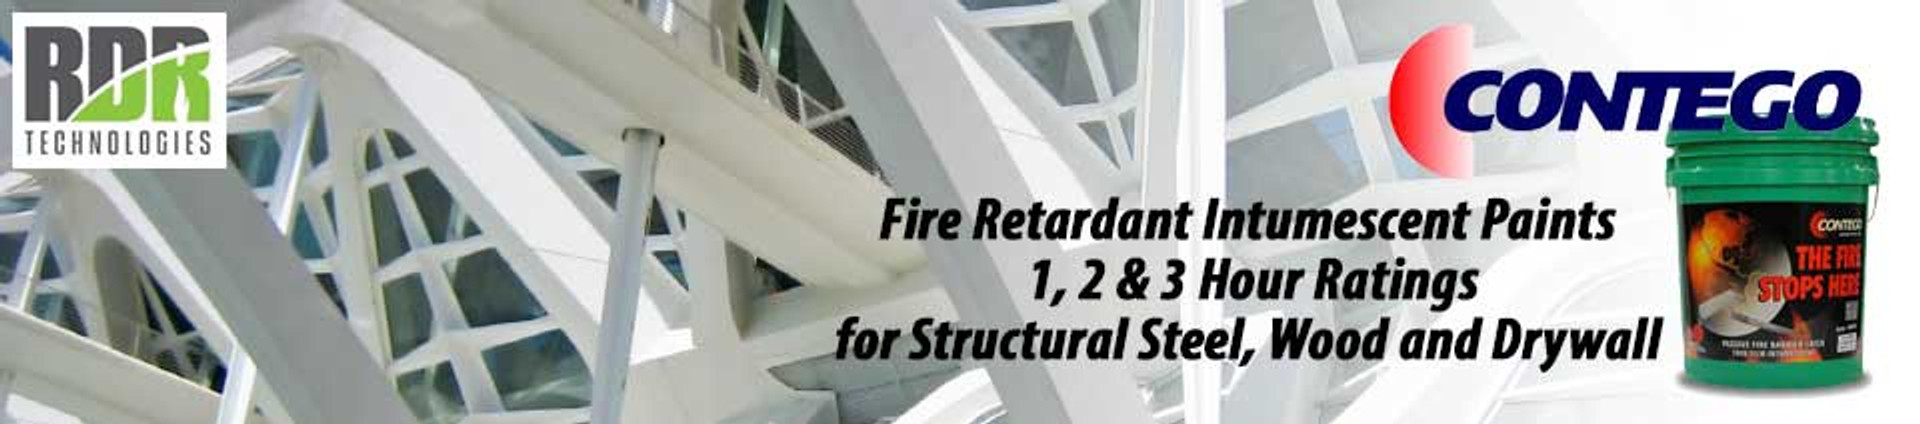 Fire Retardant Paint | https://rdrtechnologies.com/